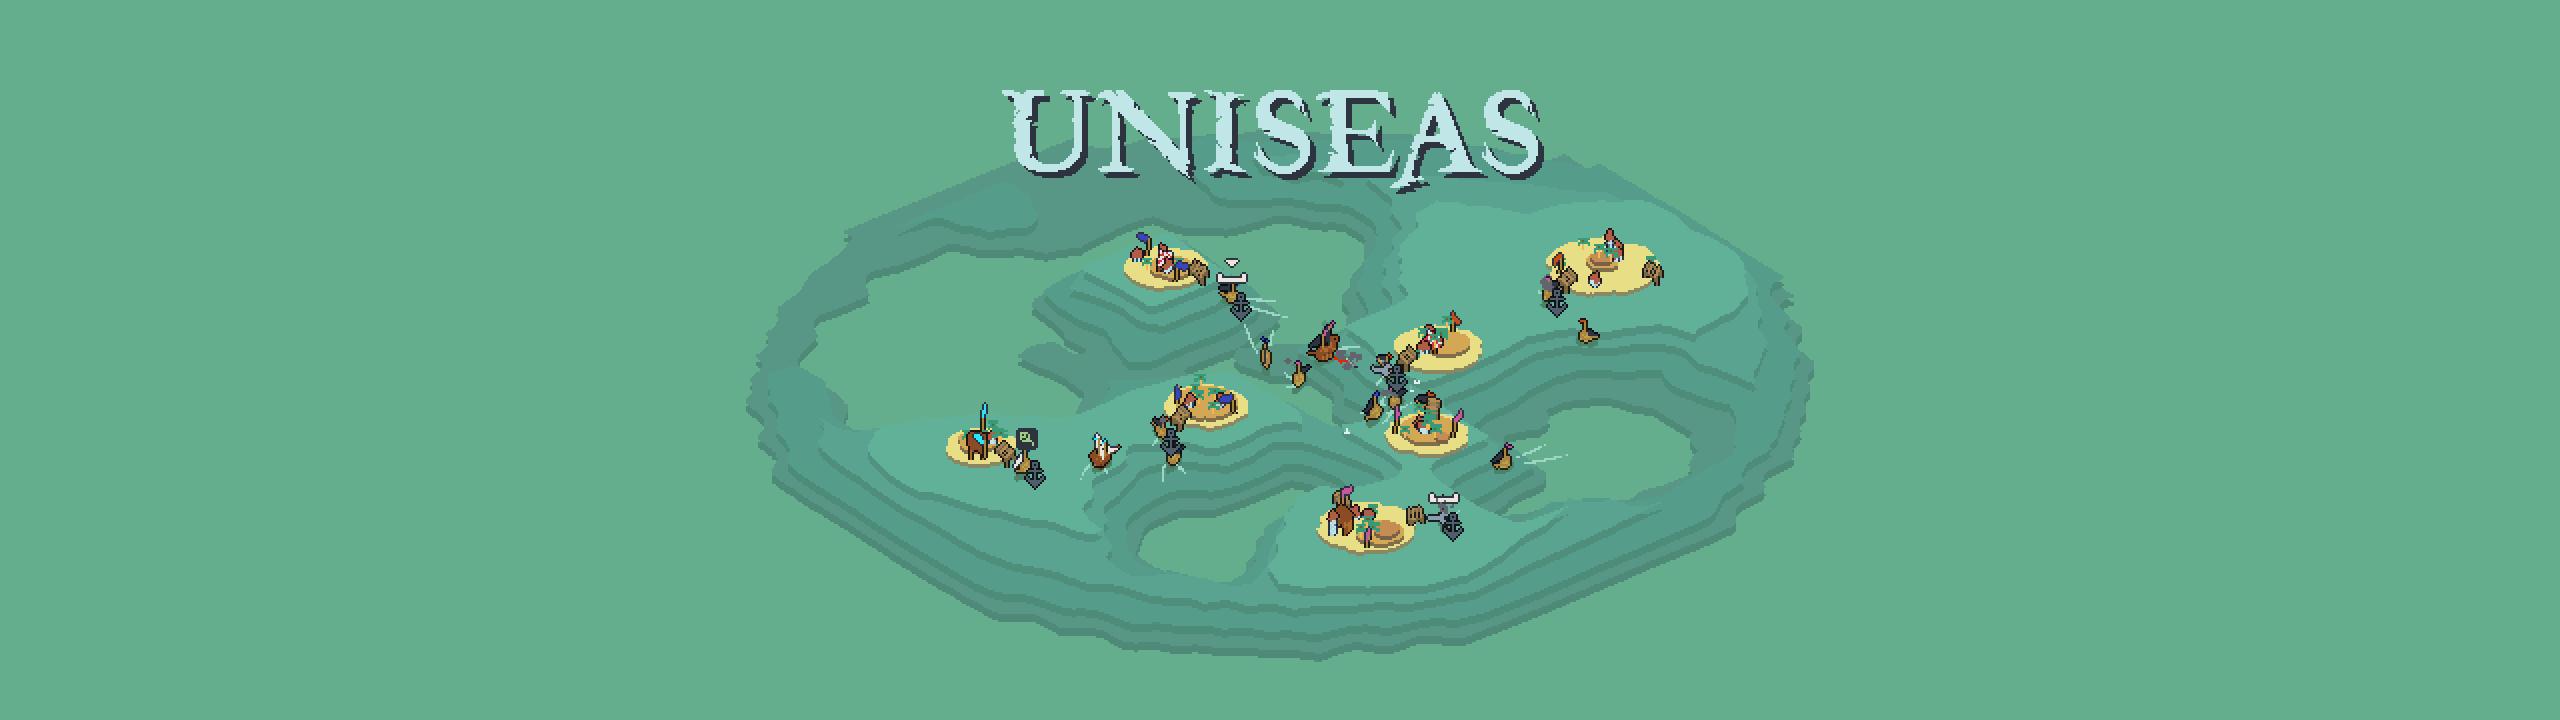 Uniseas